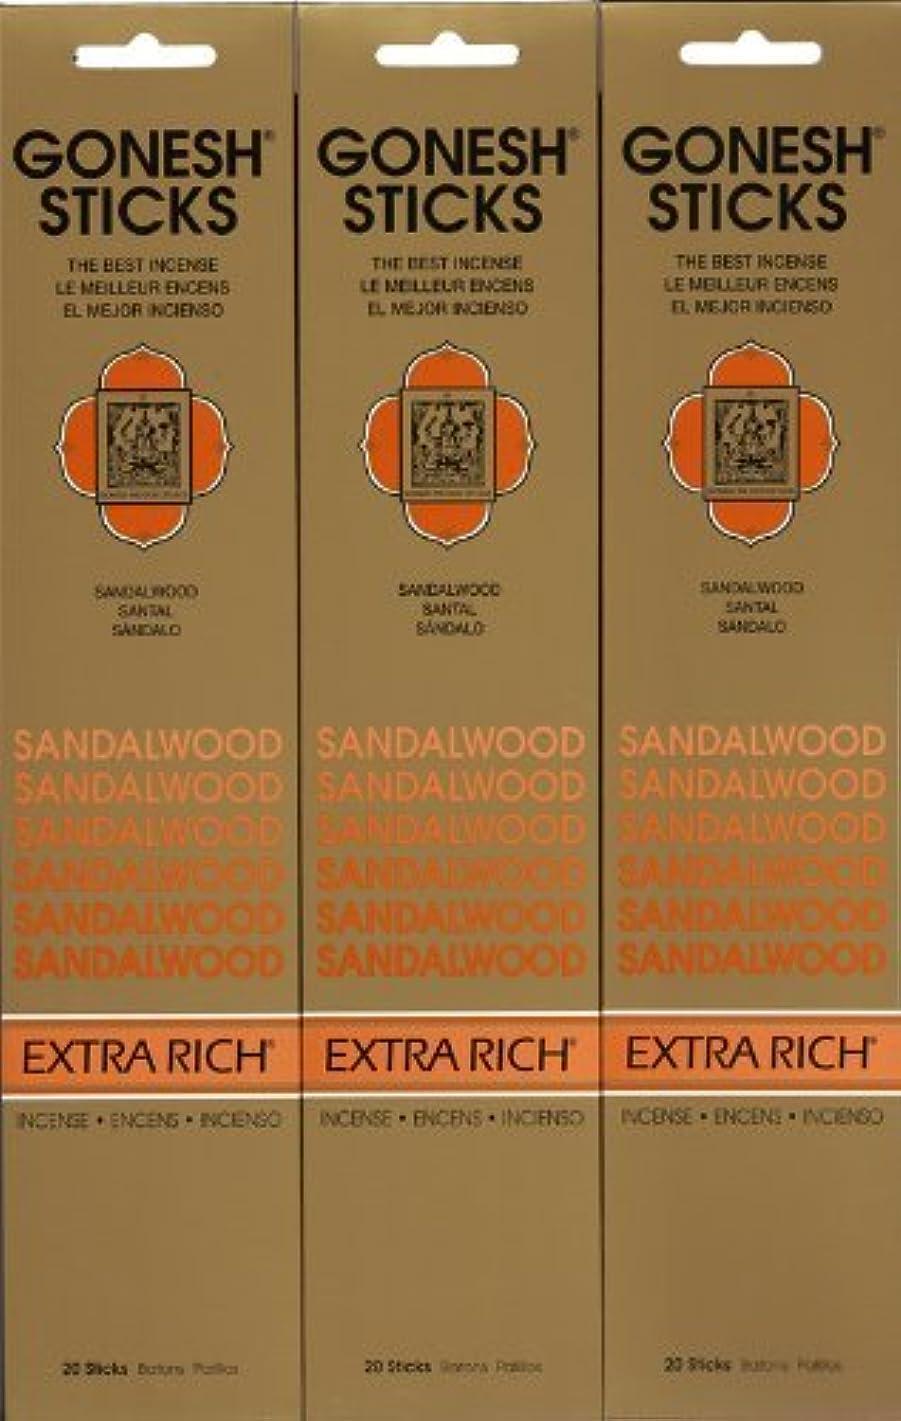 再びラリー遷移GONESH SANDALWOOD サンダルウッド 20本入り X 3パック (60本)